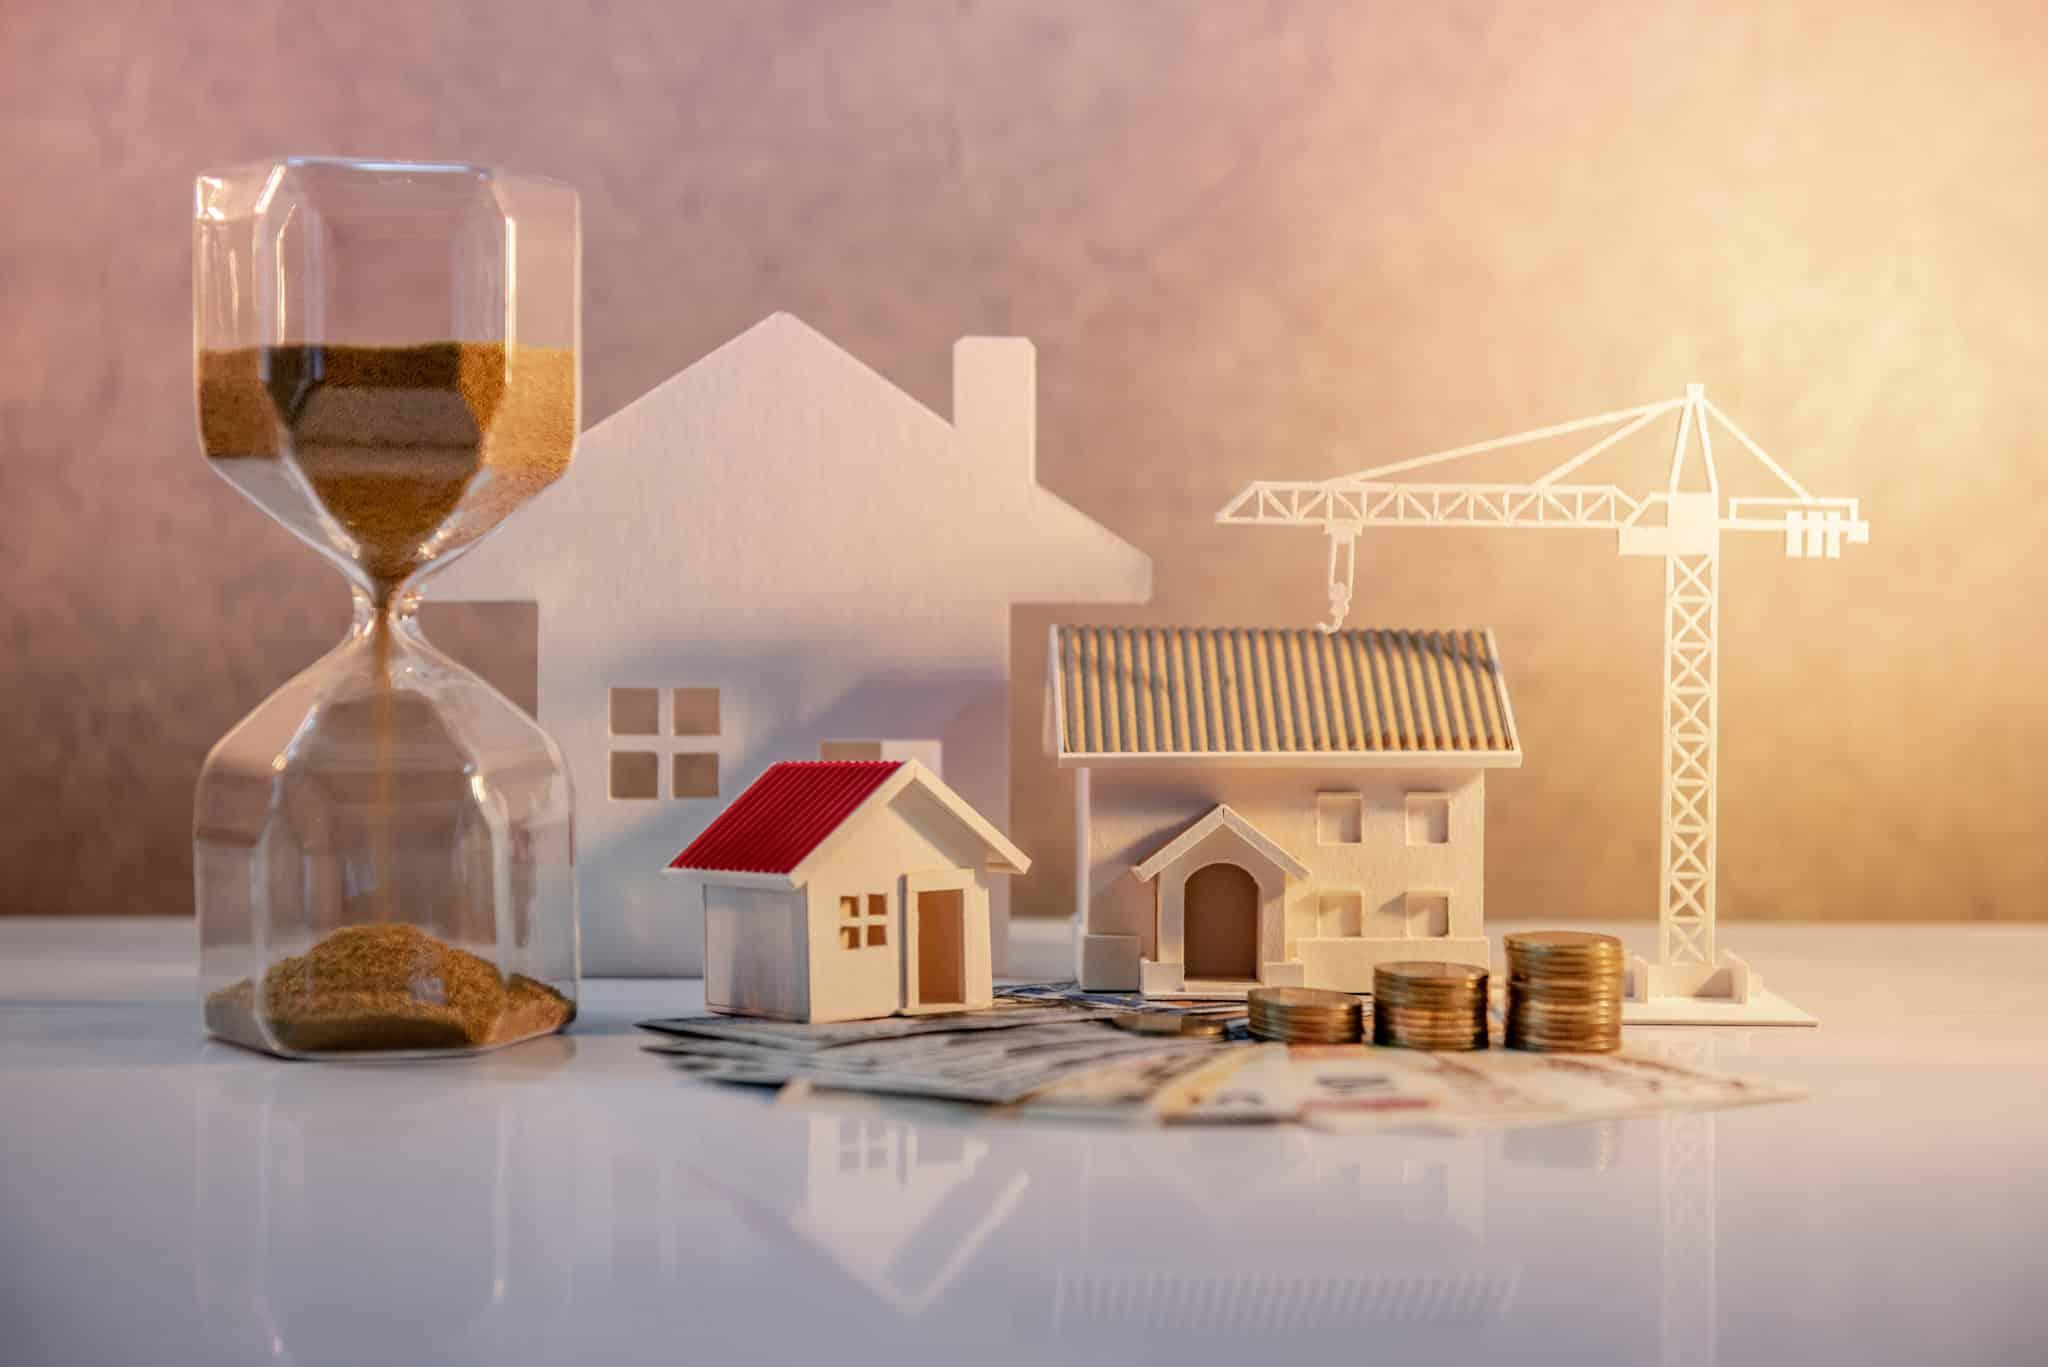 Achat immobilier en VEFA : le guide